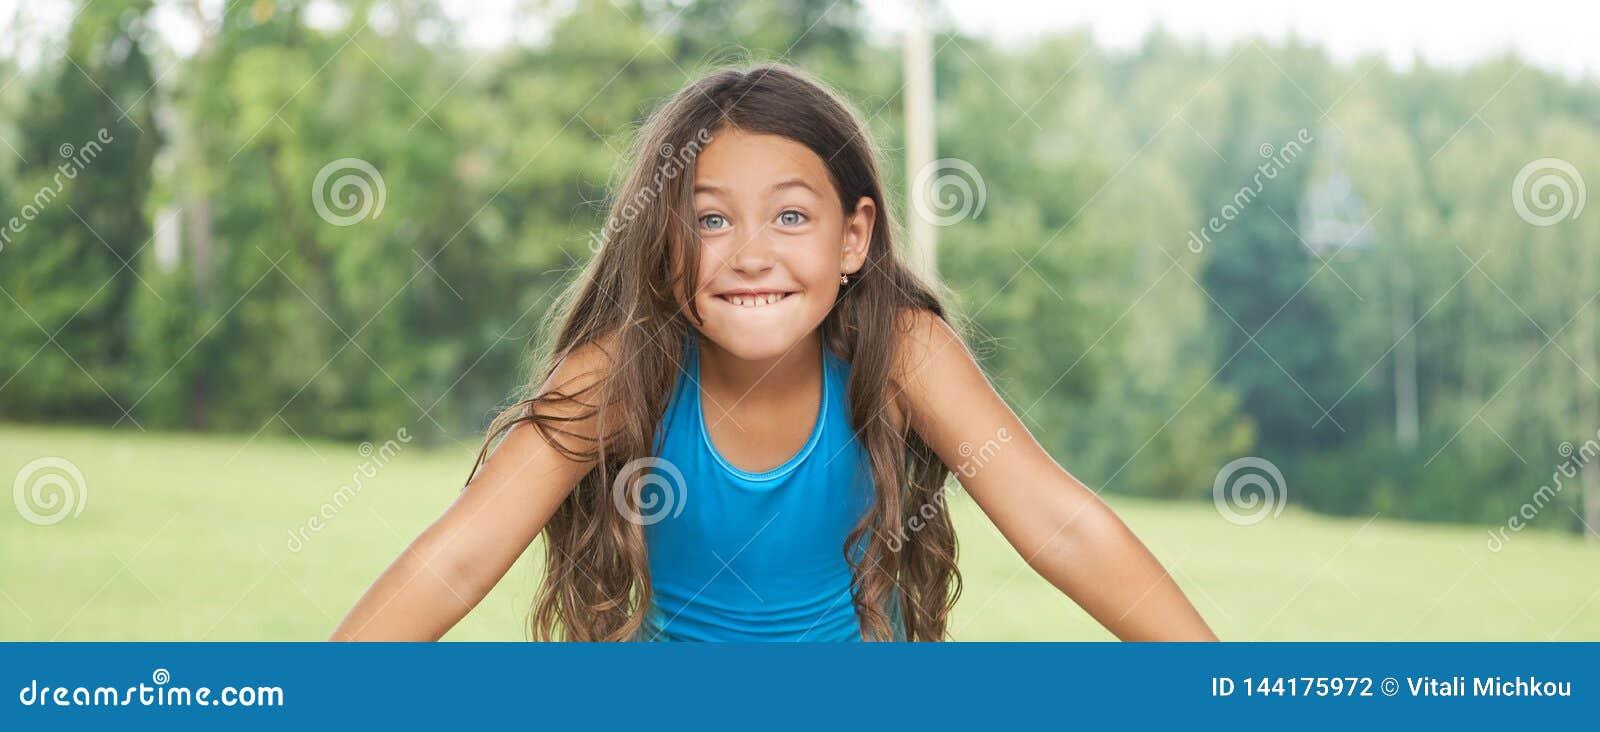 Καυκάσιο μικρό κορίτσι με μακρυμάλλη στο μαγιό παιδί ευτυχές